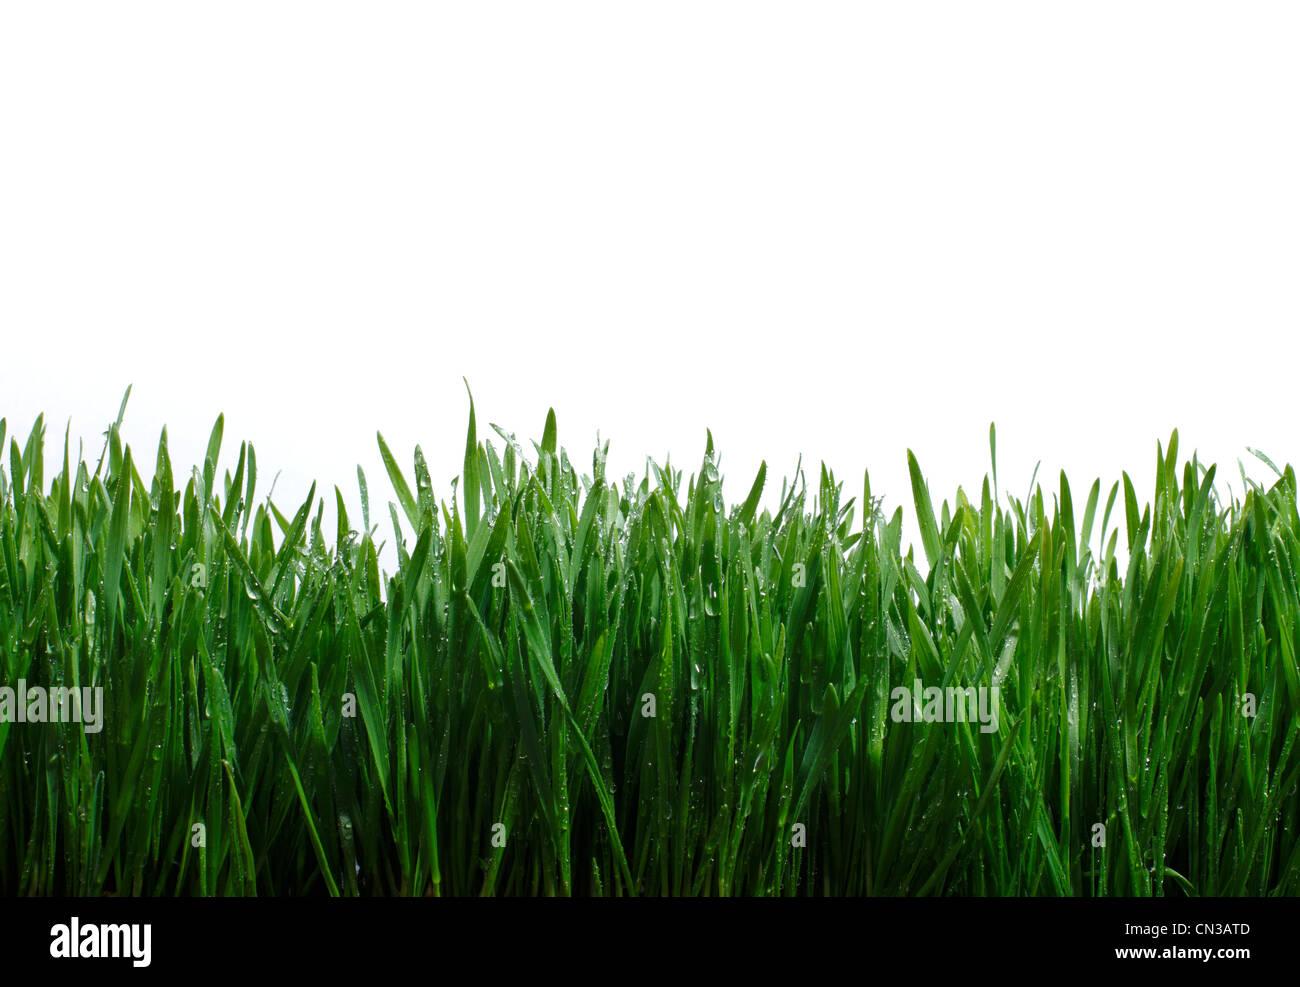 Briznas de hierba contra el fondo blanco. Foto de stock